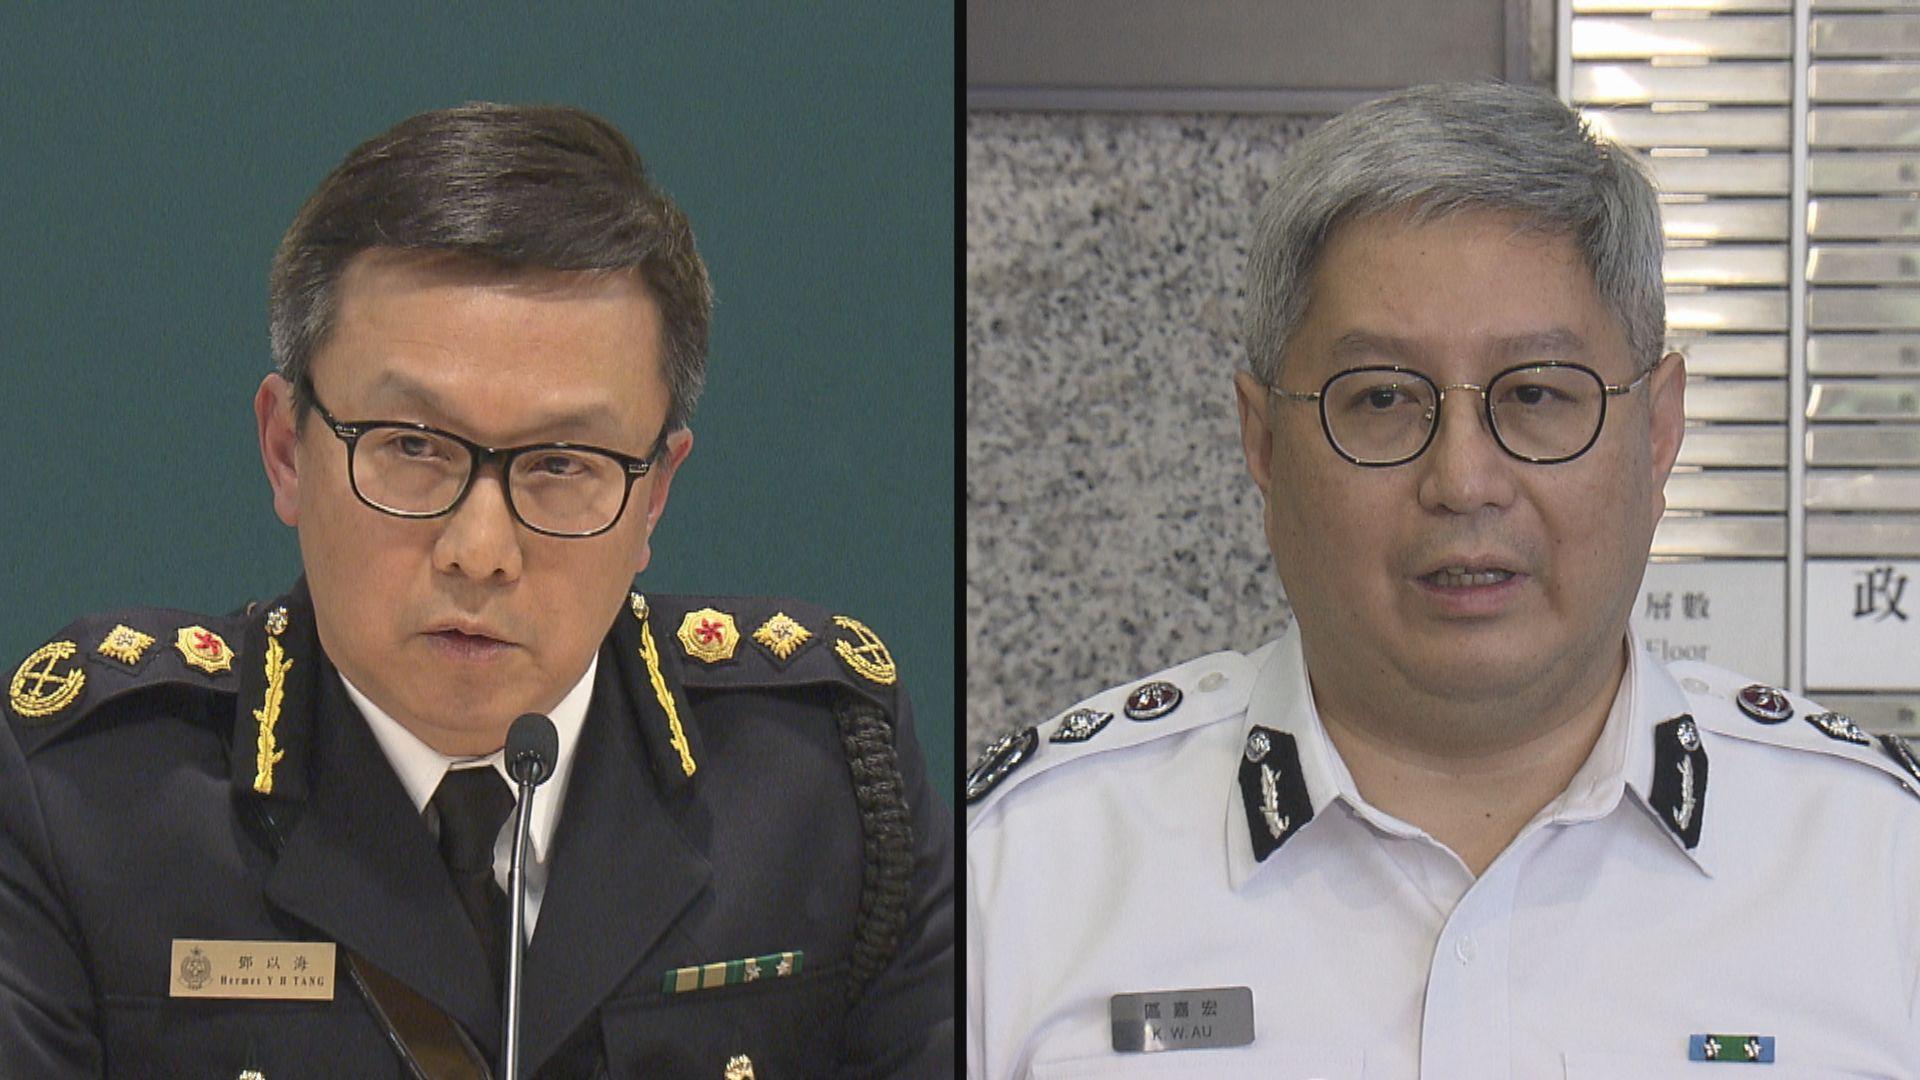 【違限聚令】區嘉宏及鄧以海稱晚宴沒有涉及刑事案件